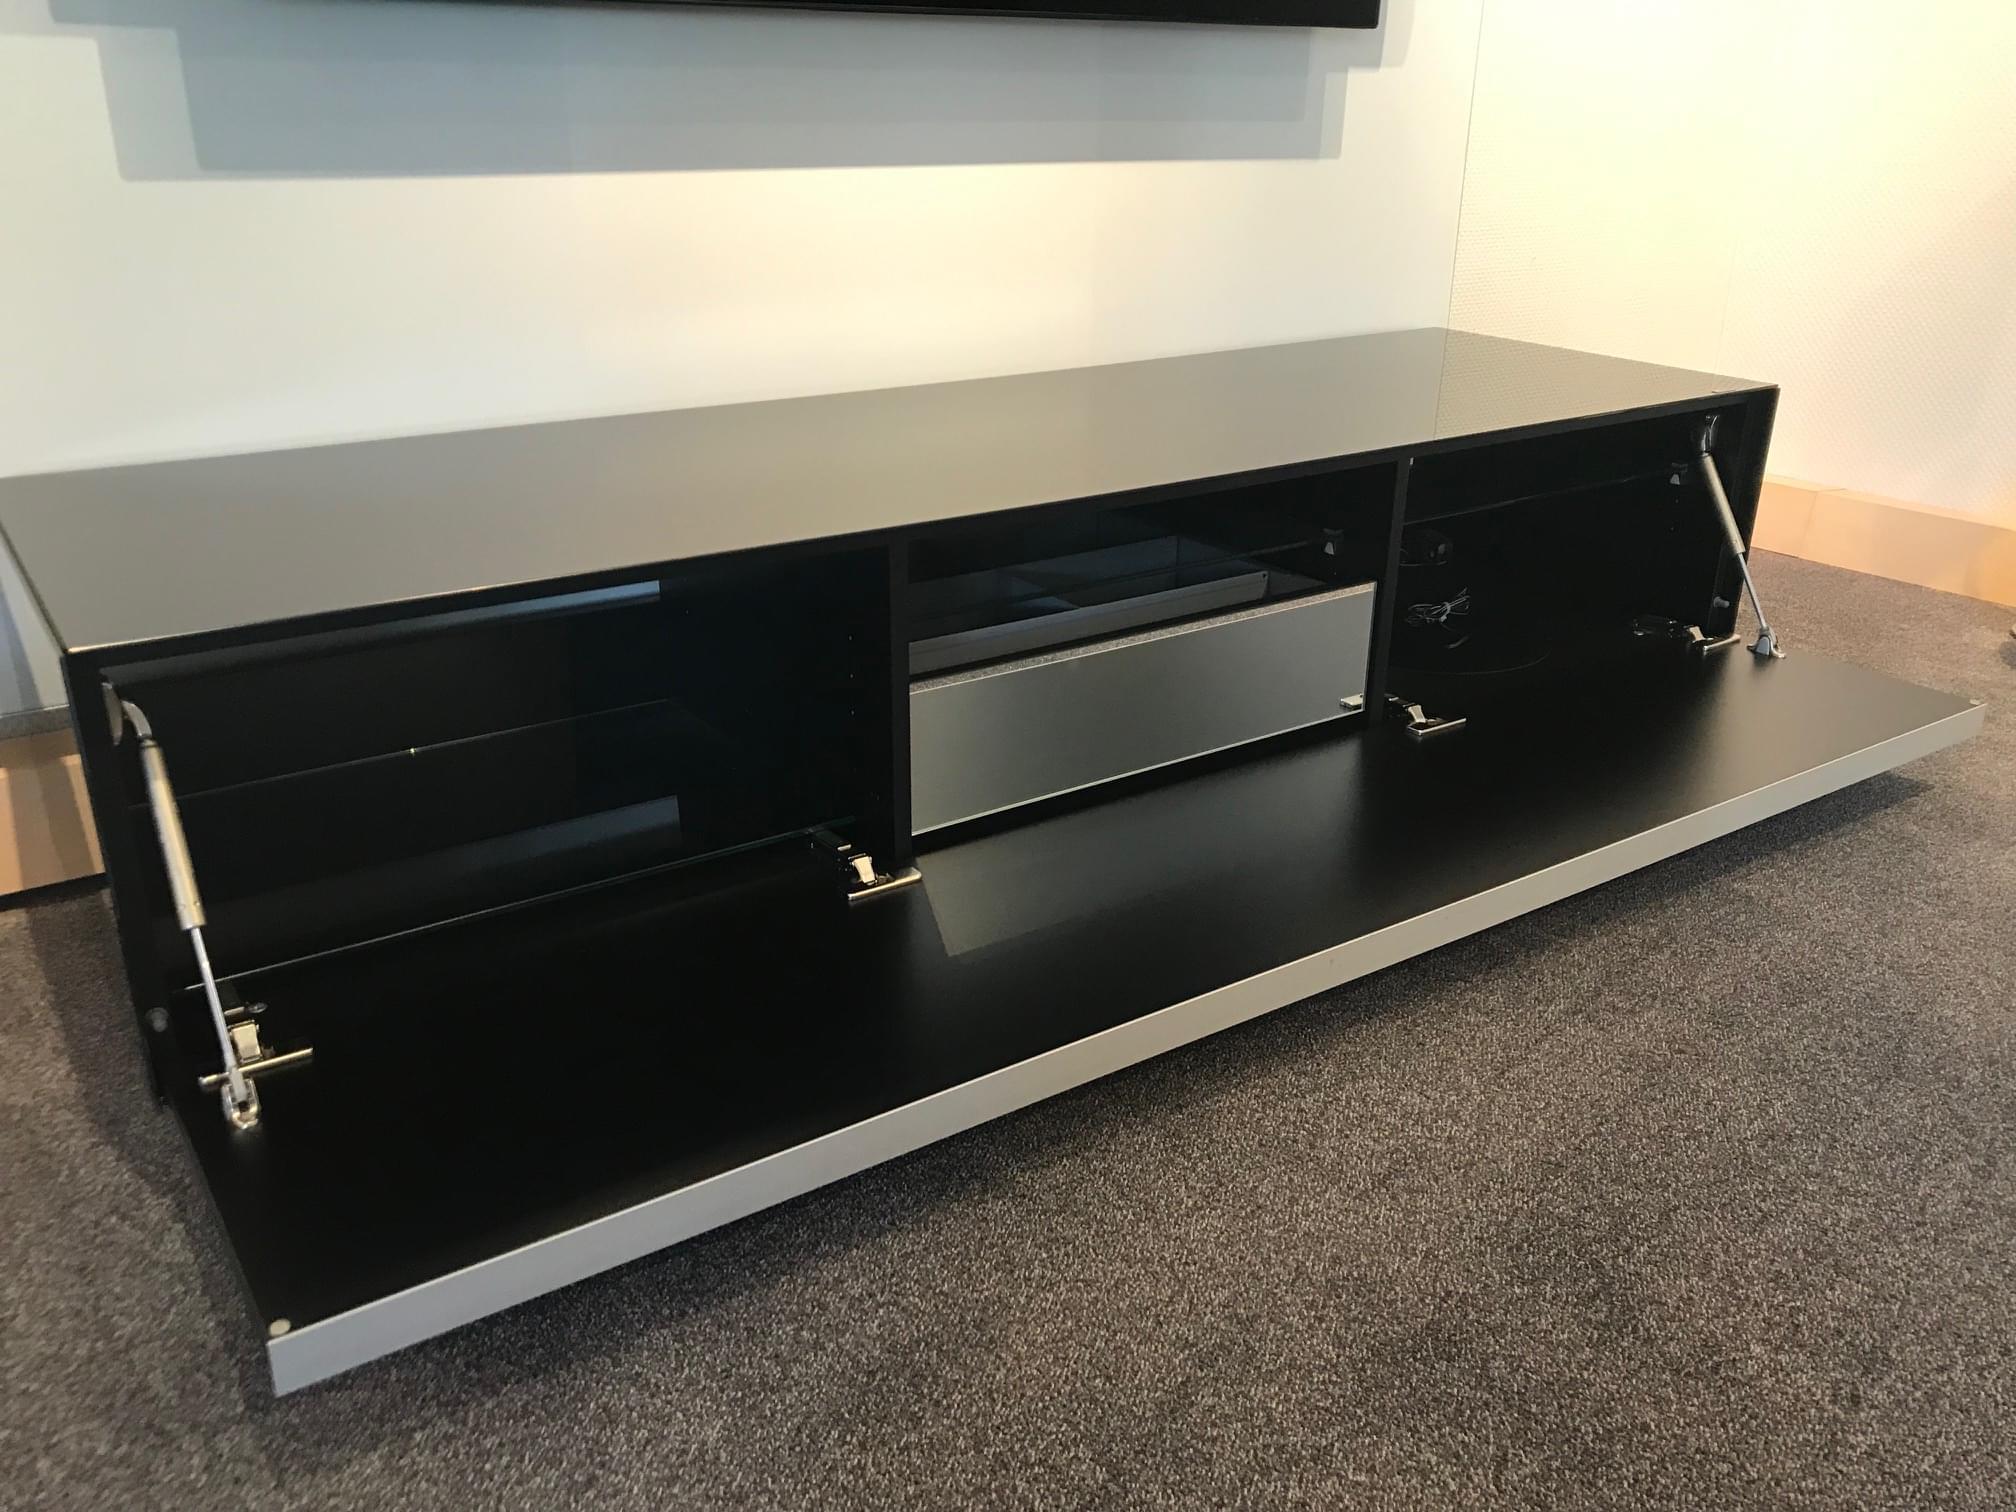 TV-Möbel SC1650 mit Subwooferausschnitt und verspiegelter innenliegender Schublade